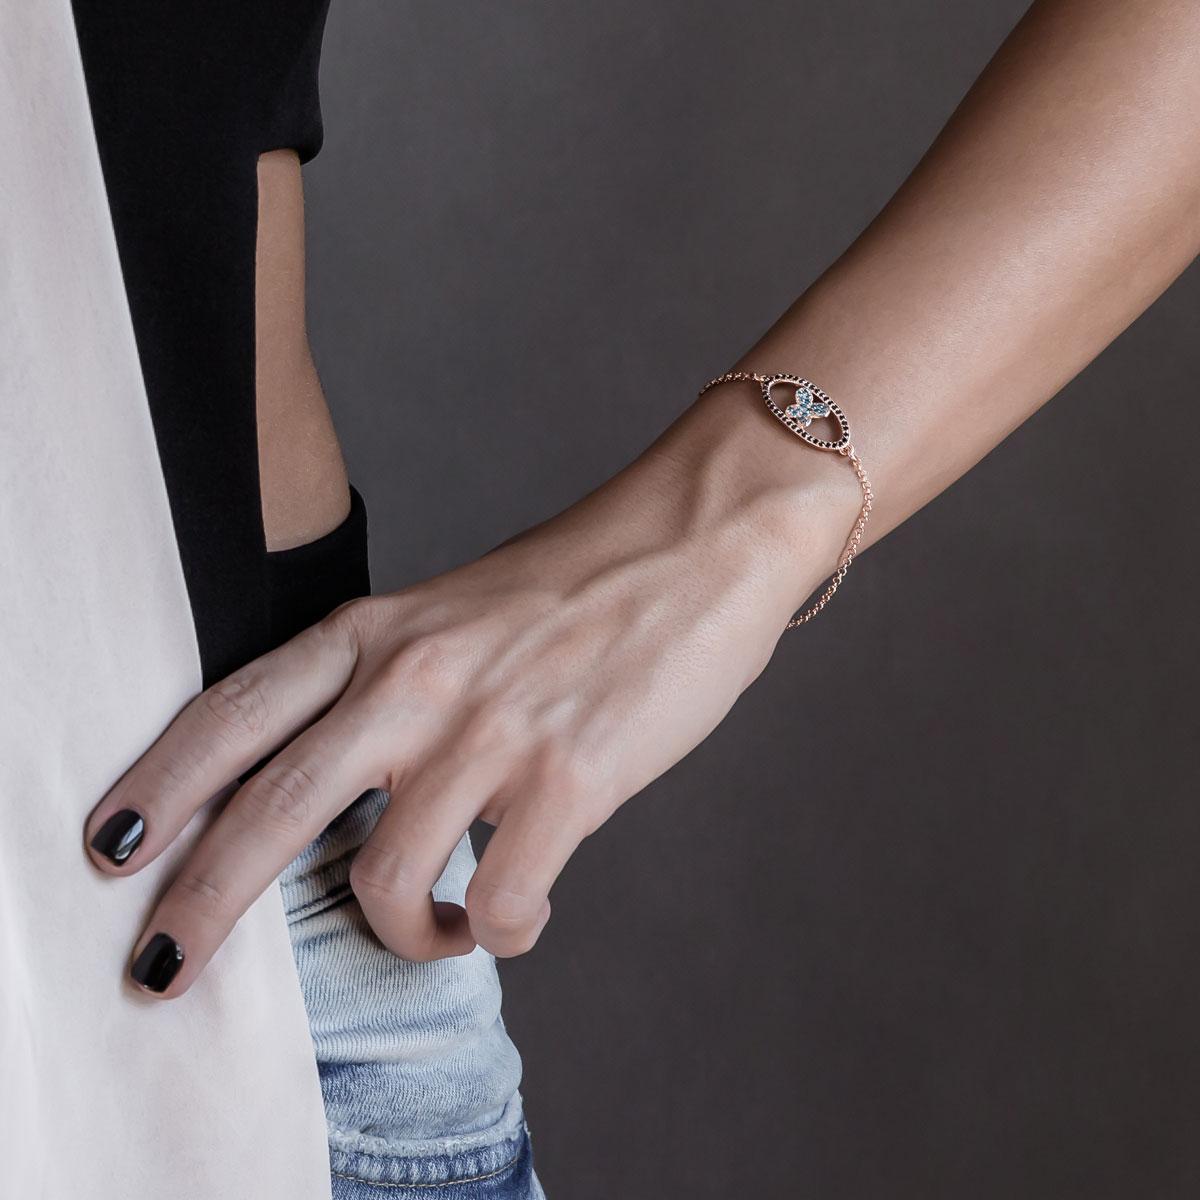 راهنمای کامل انتخاب دستبند طلا